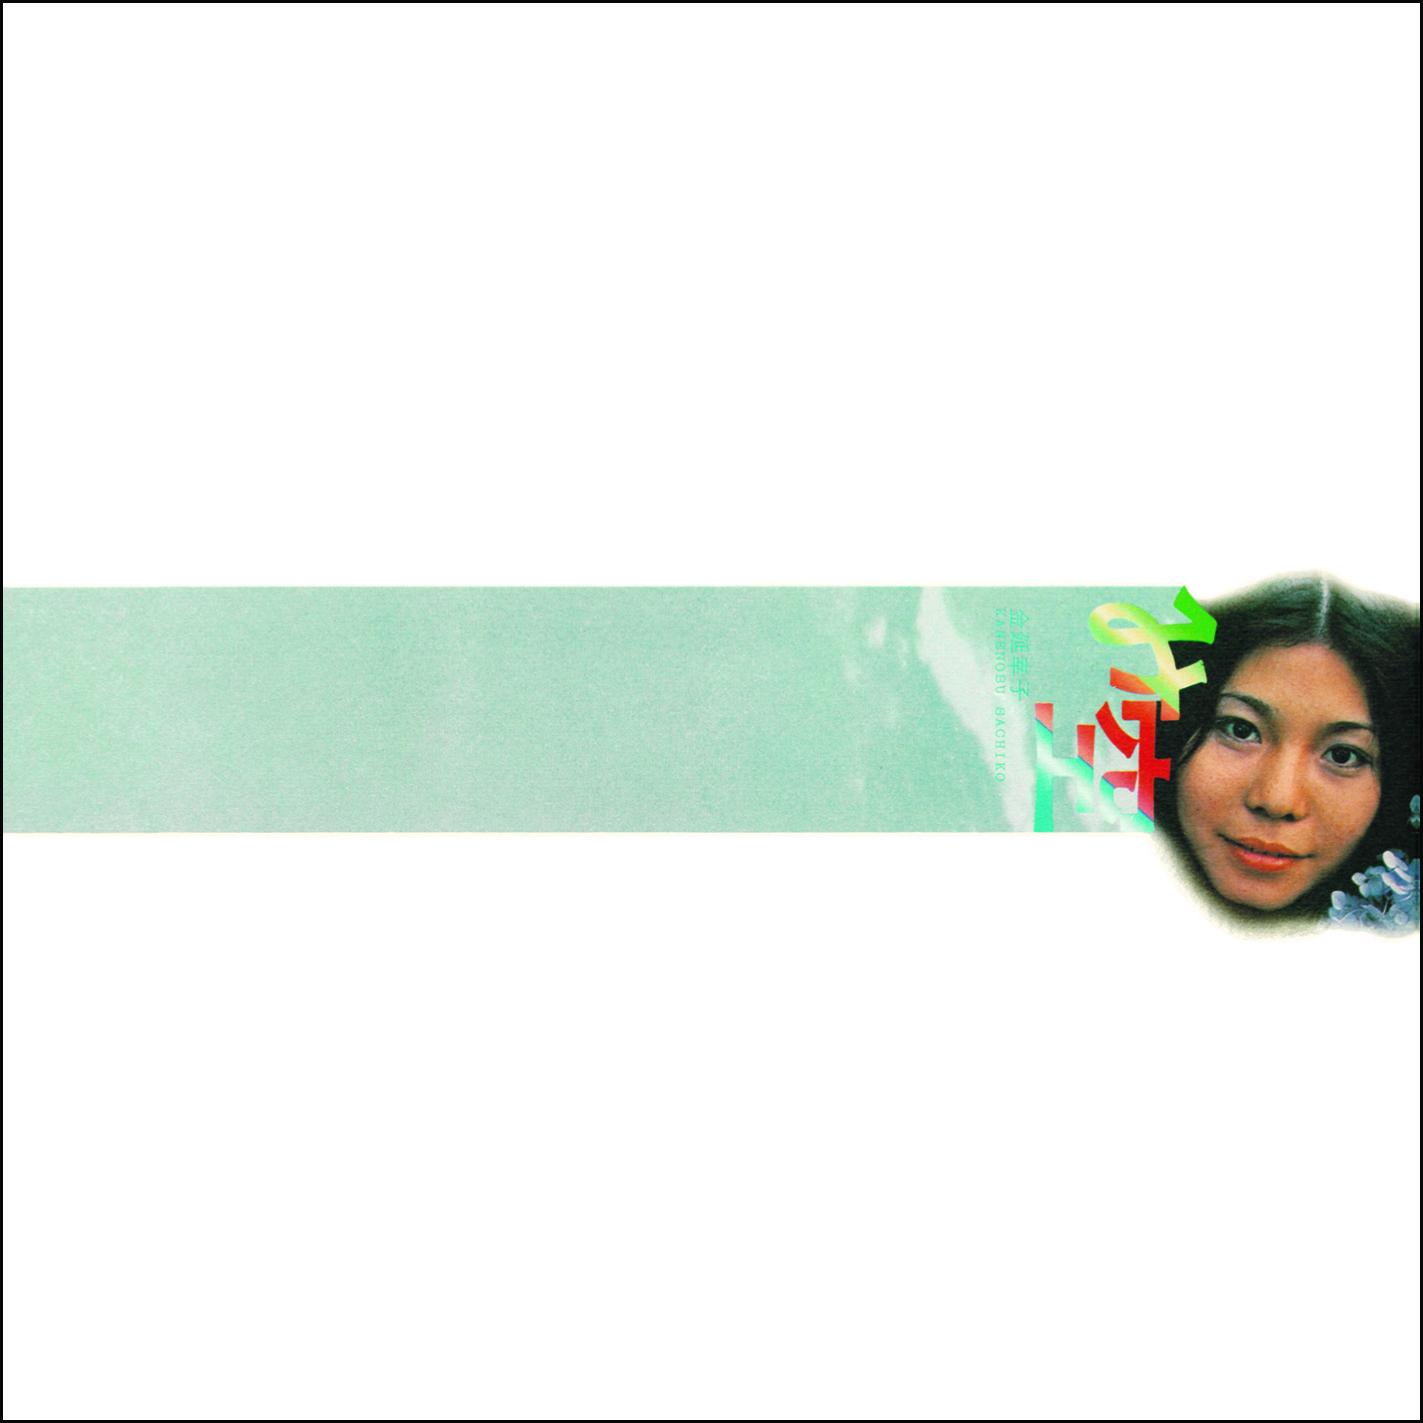 SANCHIKO KANENOBU - MISORA (URC, 1972)